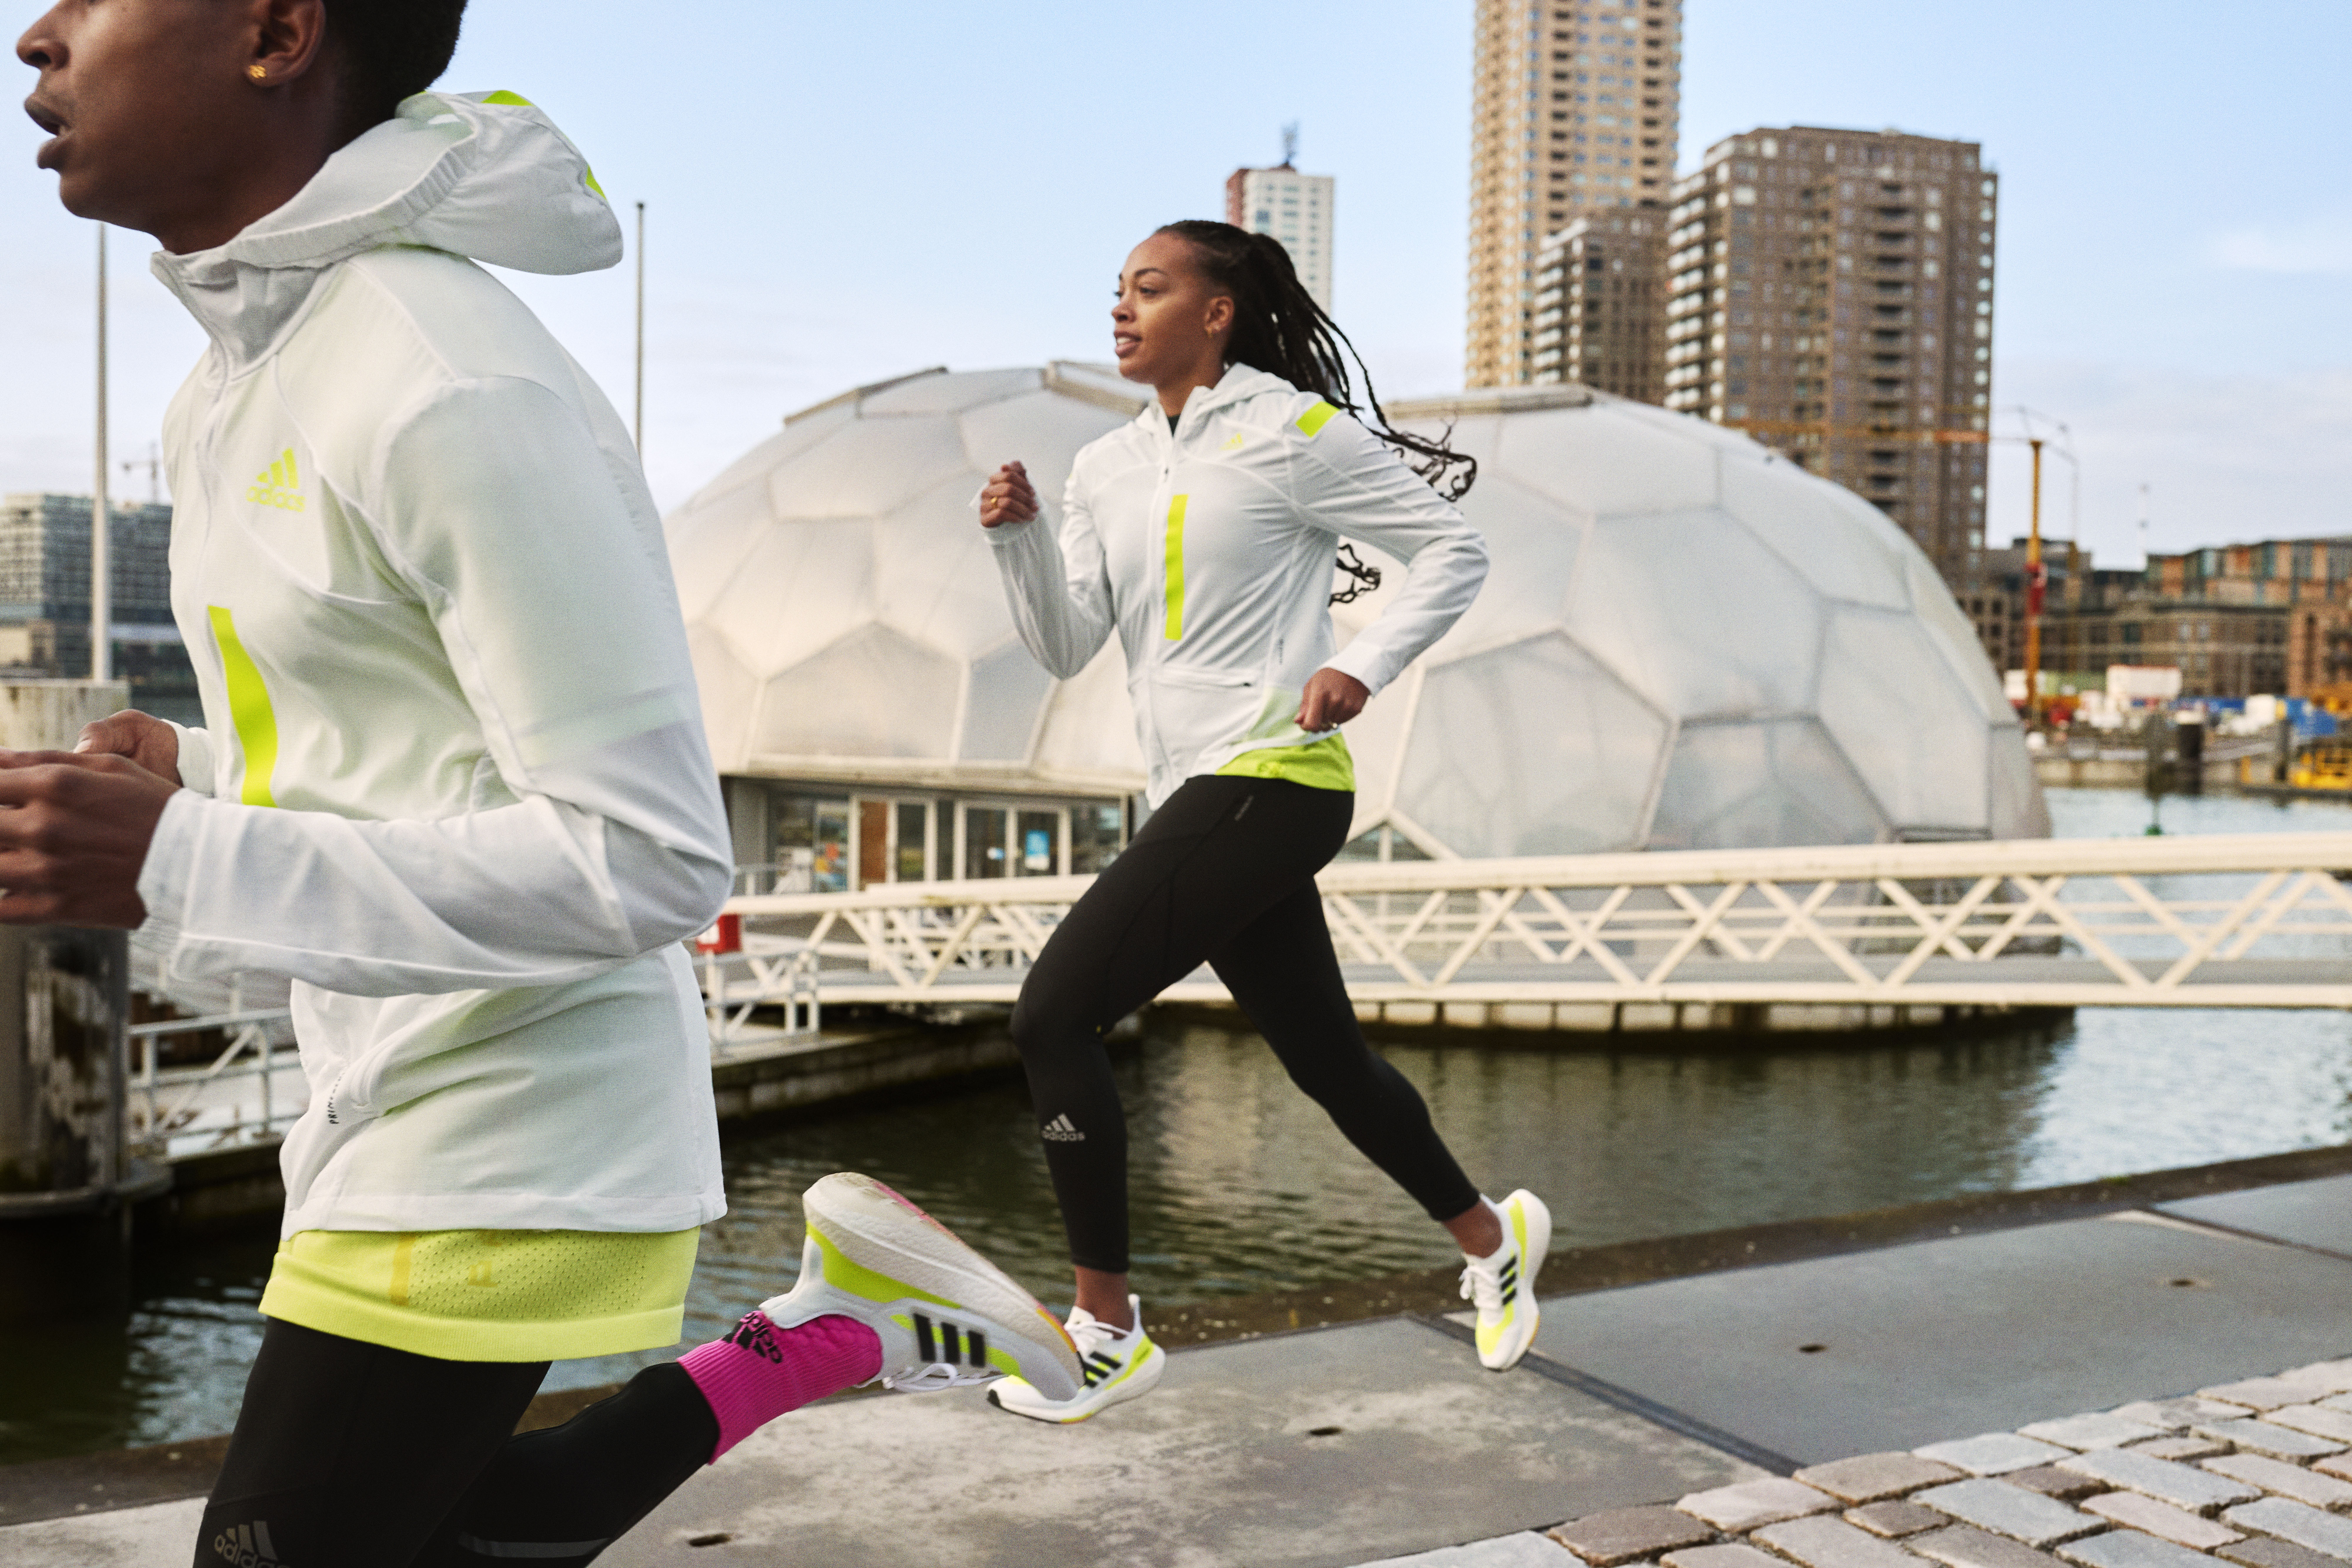 De adidas ULTRABOOST 21 geeft nog meer energie terug bij elke stap dankzij BOOST-technologie